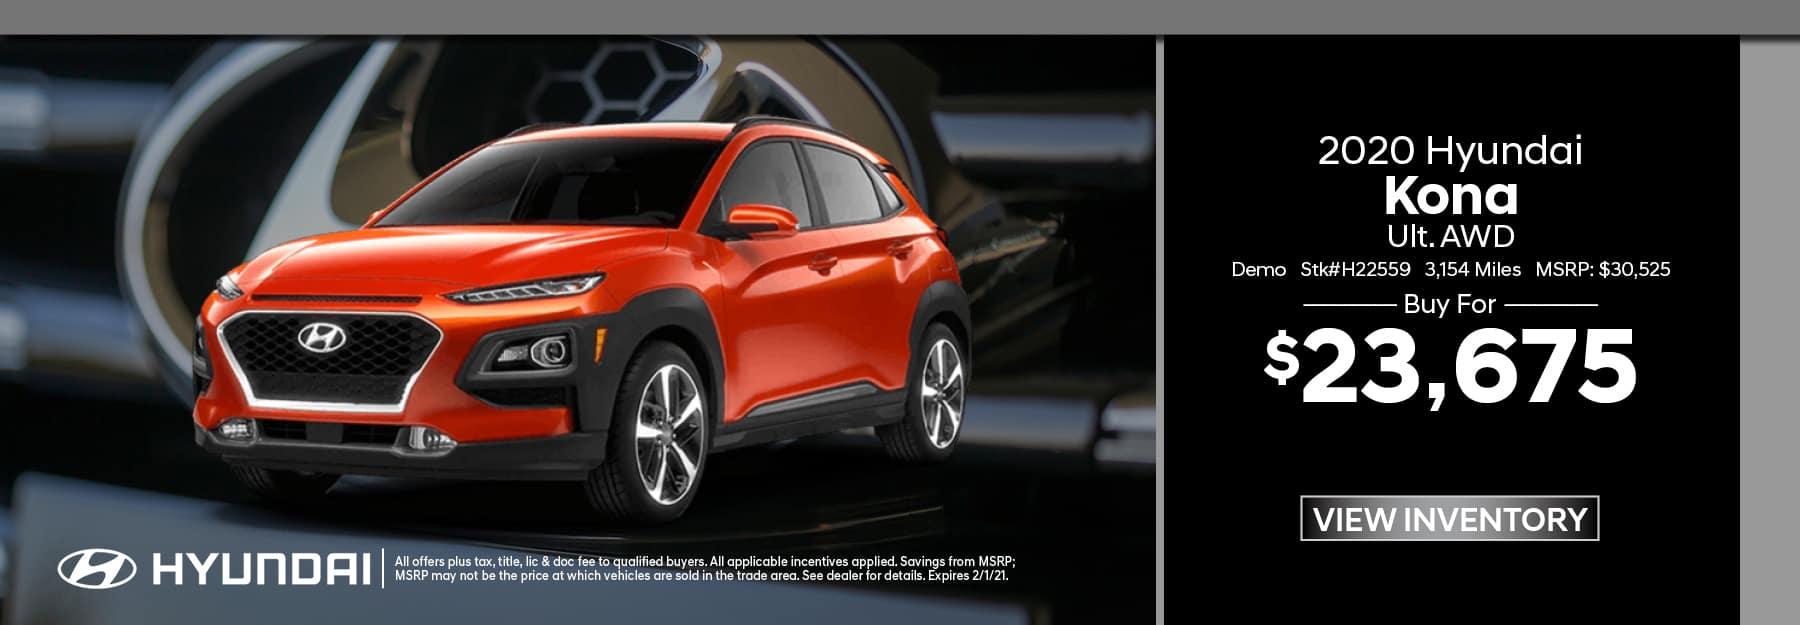 2020 Hyundai Kona Demo